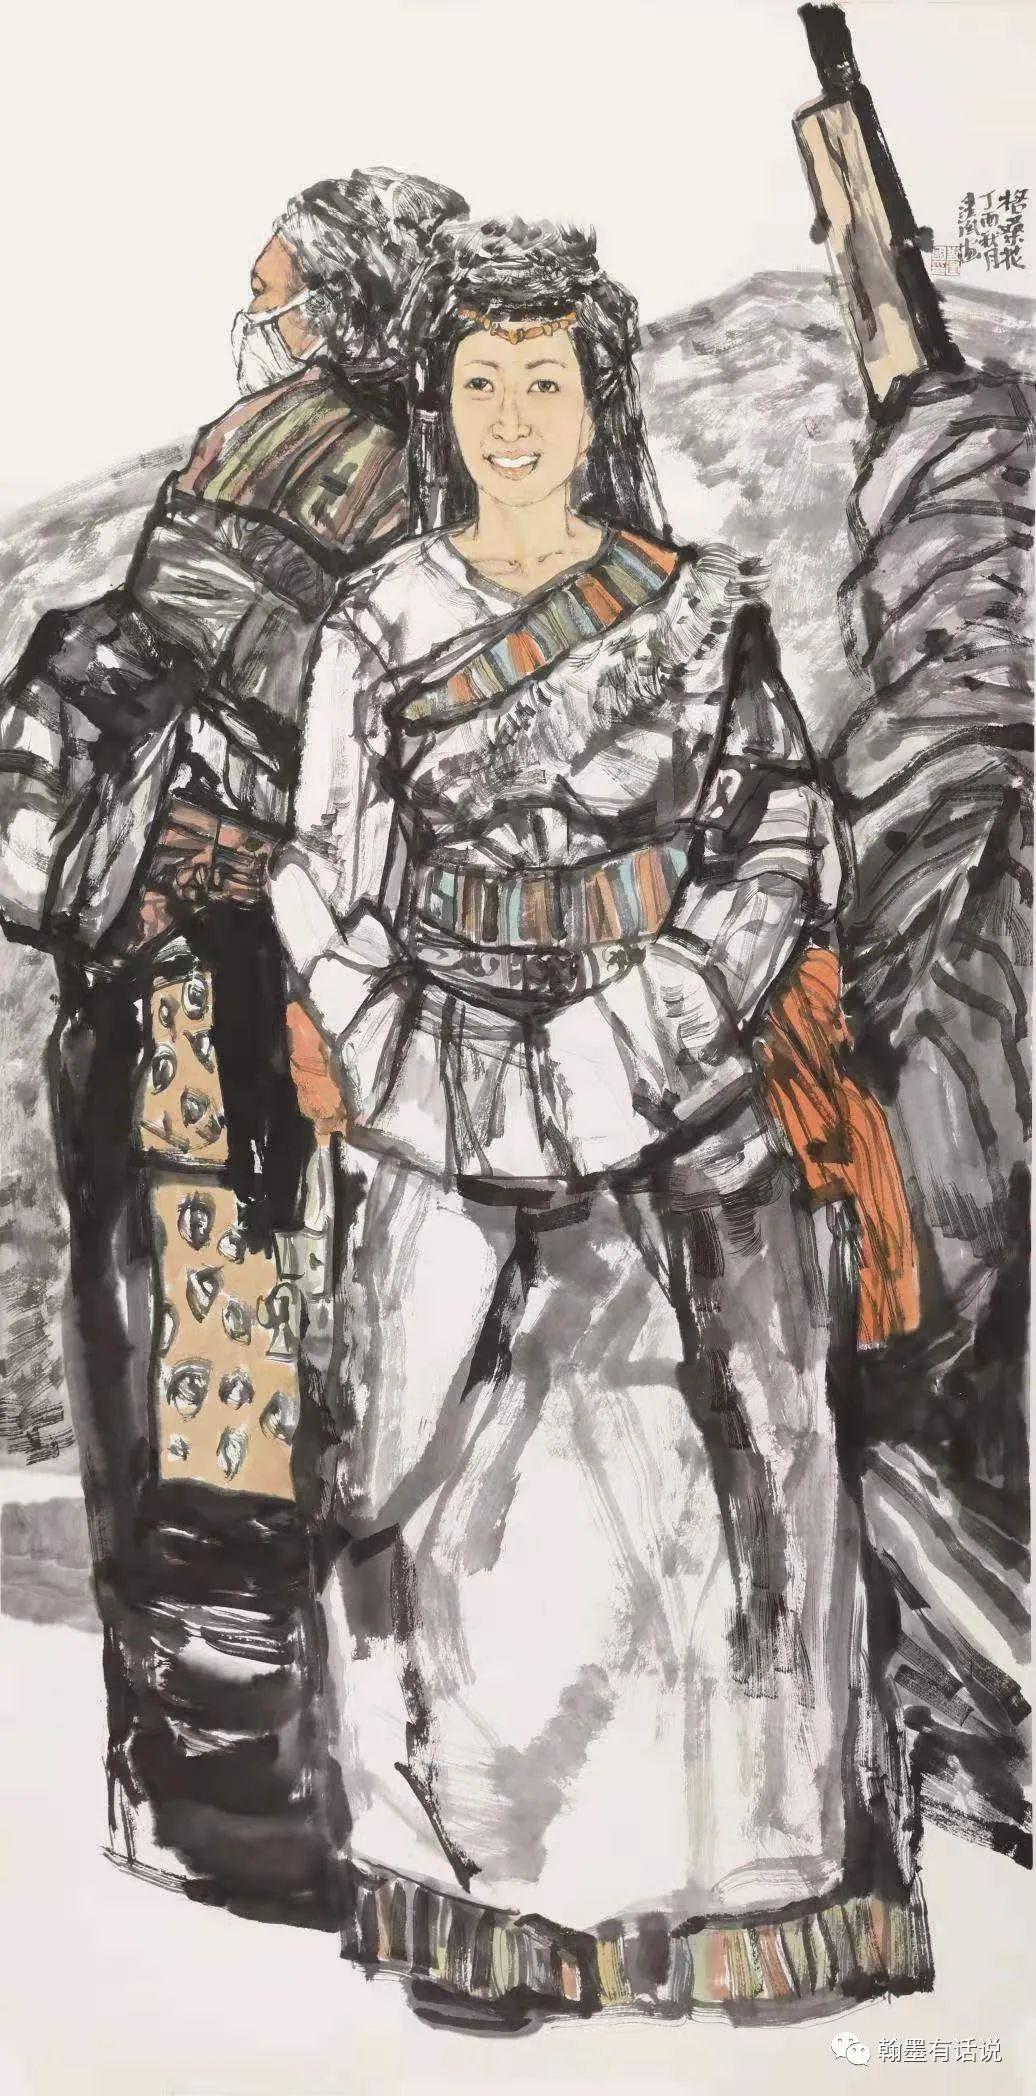 澄净内心的艺术——刘建国那一年的那些画